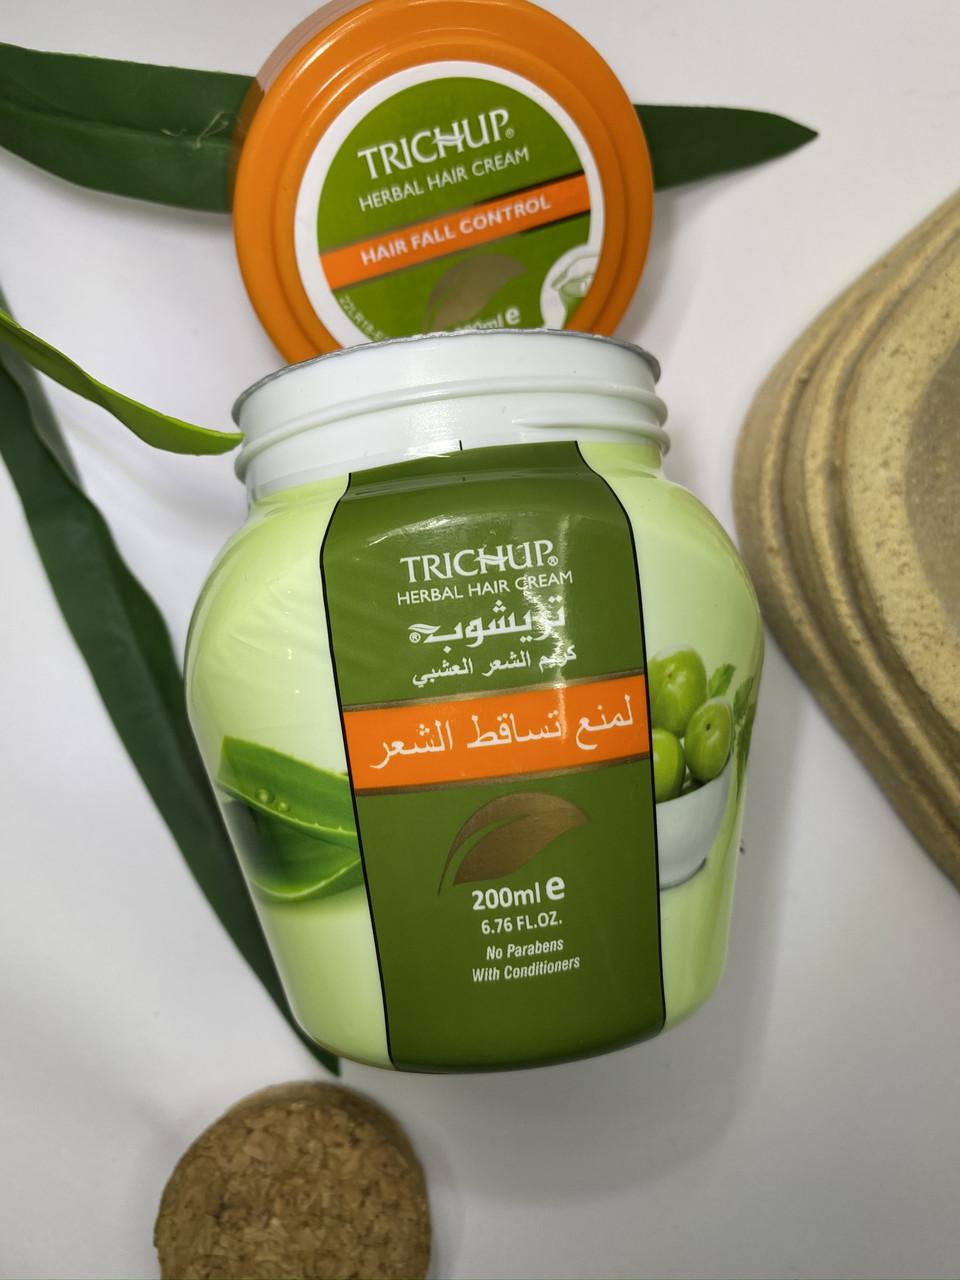 Травяной индийский   крем- маска  для роста  волос Trichup fall control   с Амлой 200  мл